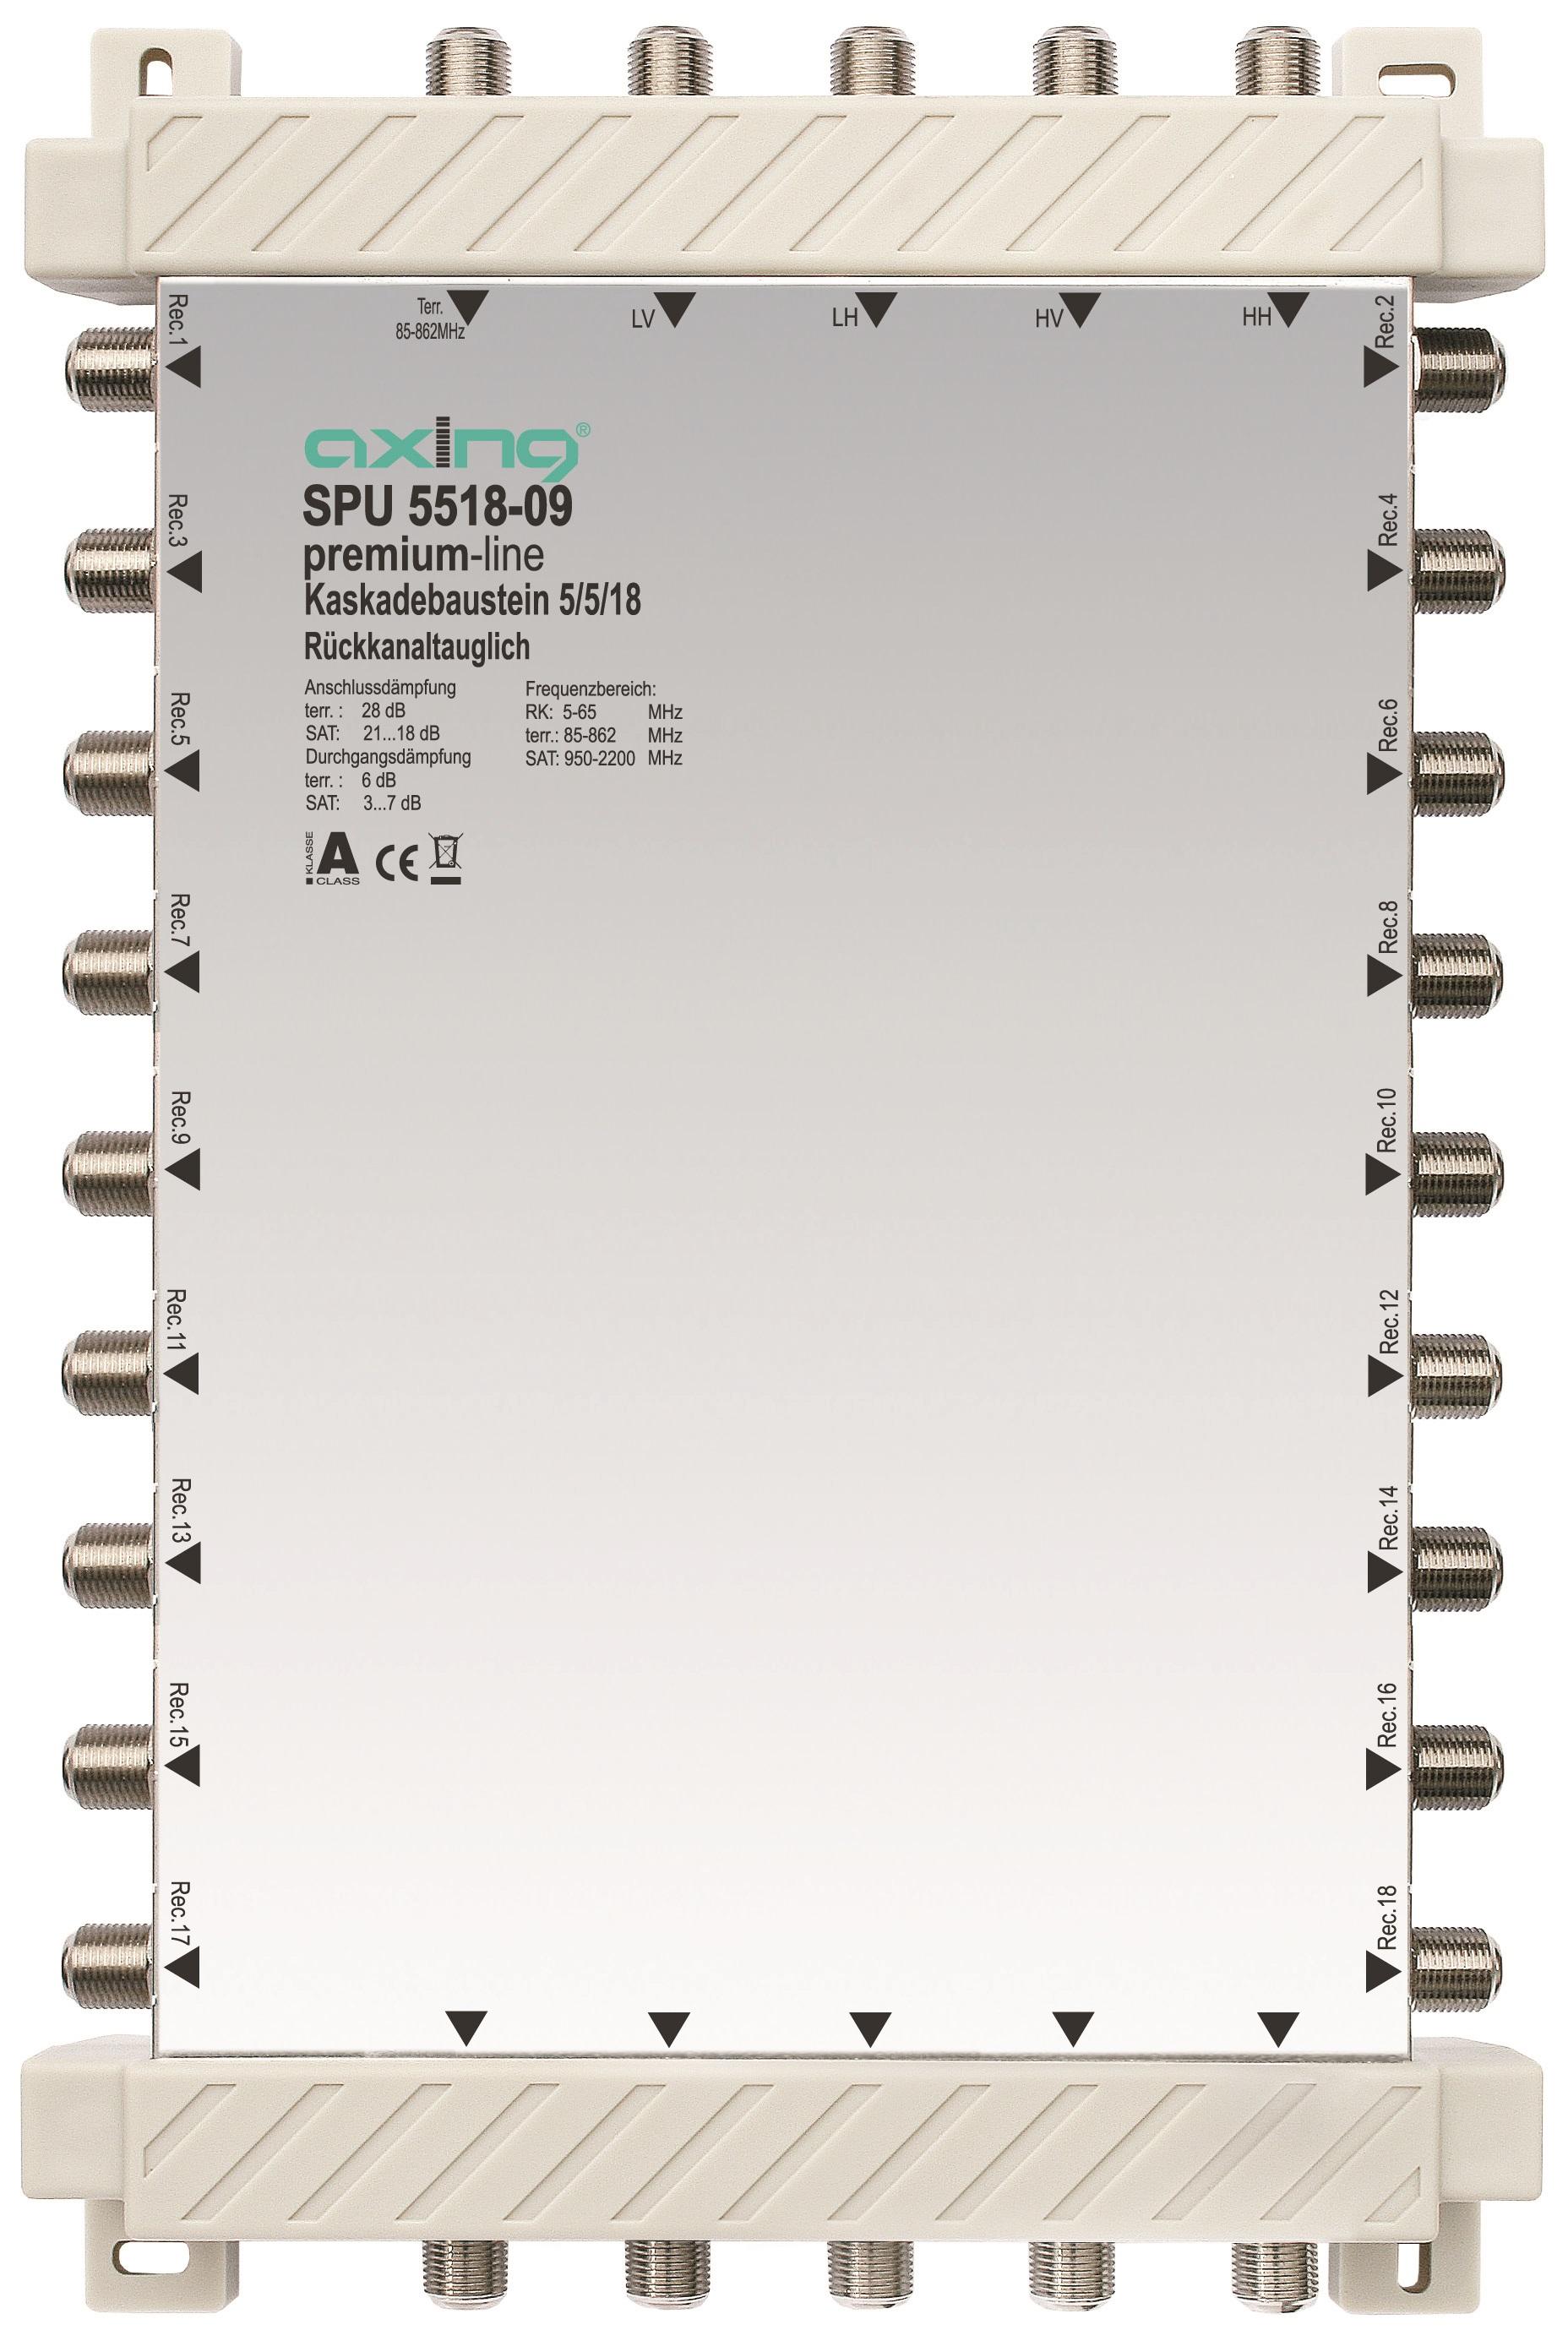 1 Stk SAT Kaskadierbaustein 5 in18 passiv f.HSATS5xxKA,SPU 5518-09 HSATSK518A